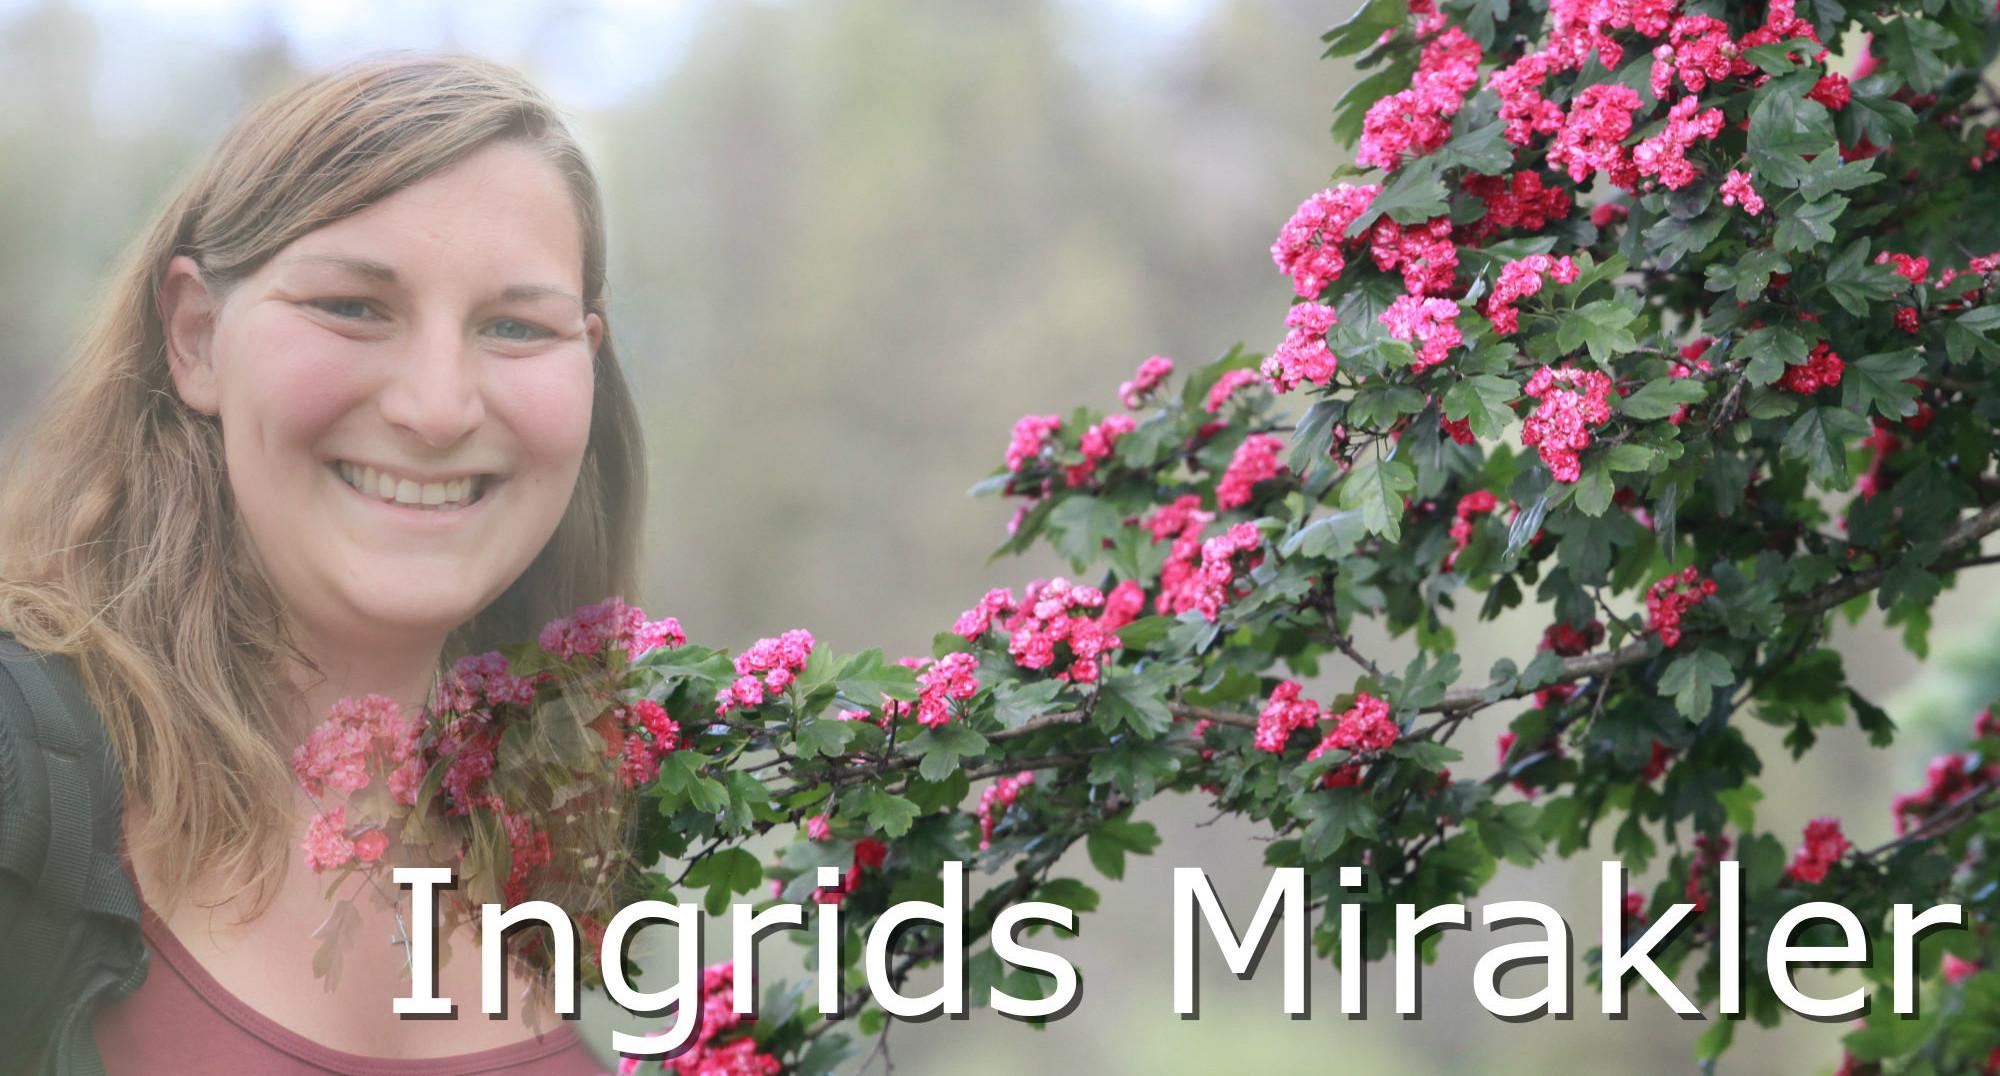 ingrids mirakler!